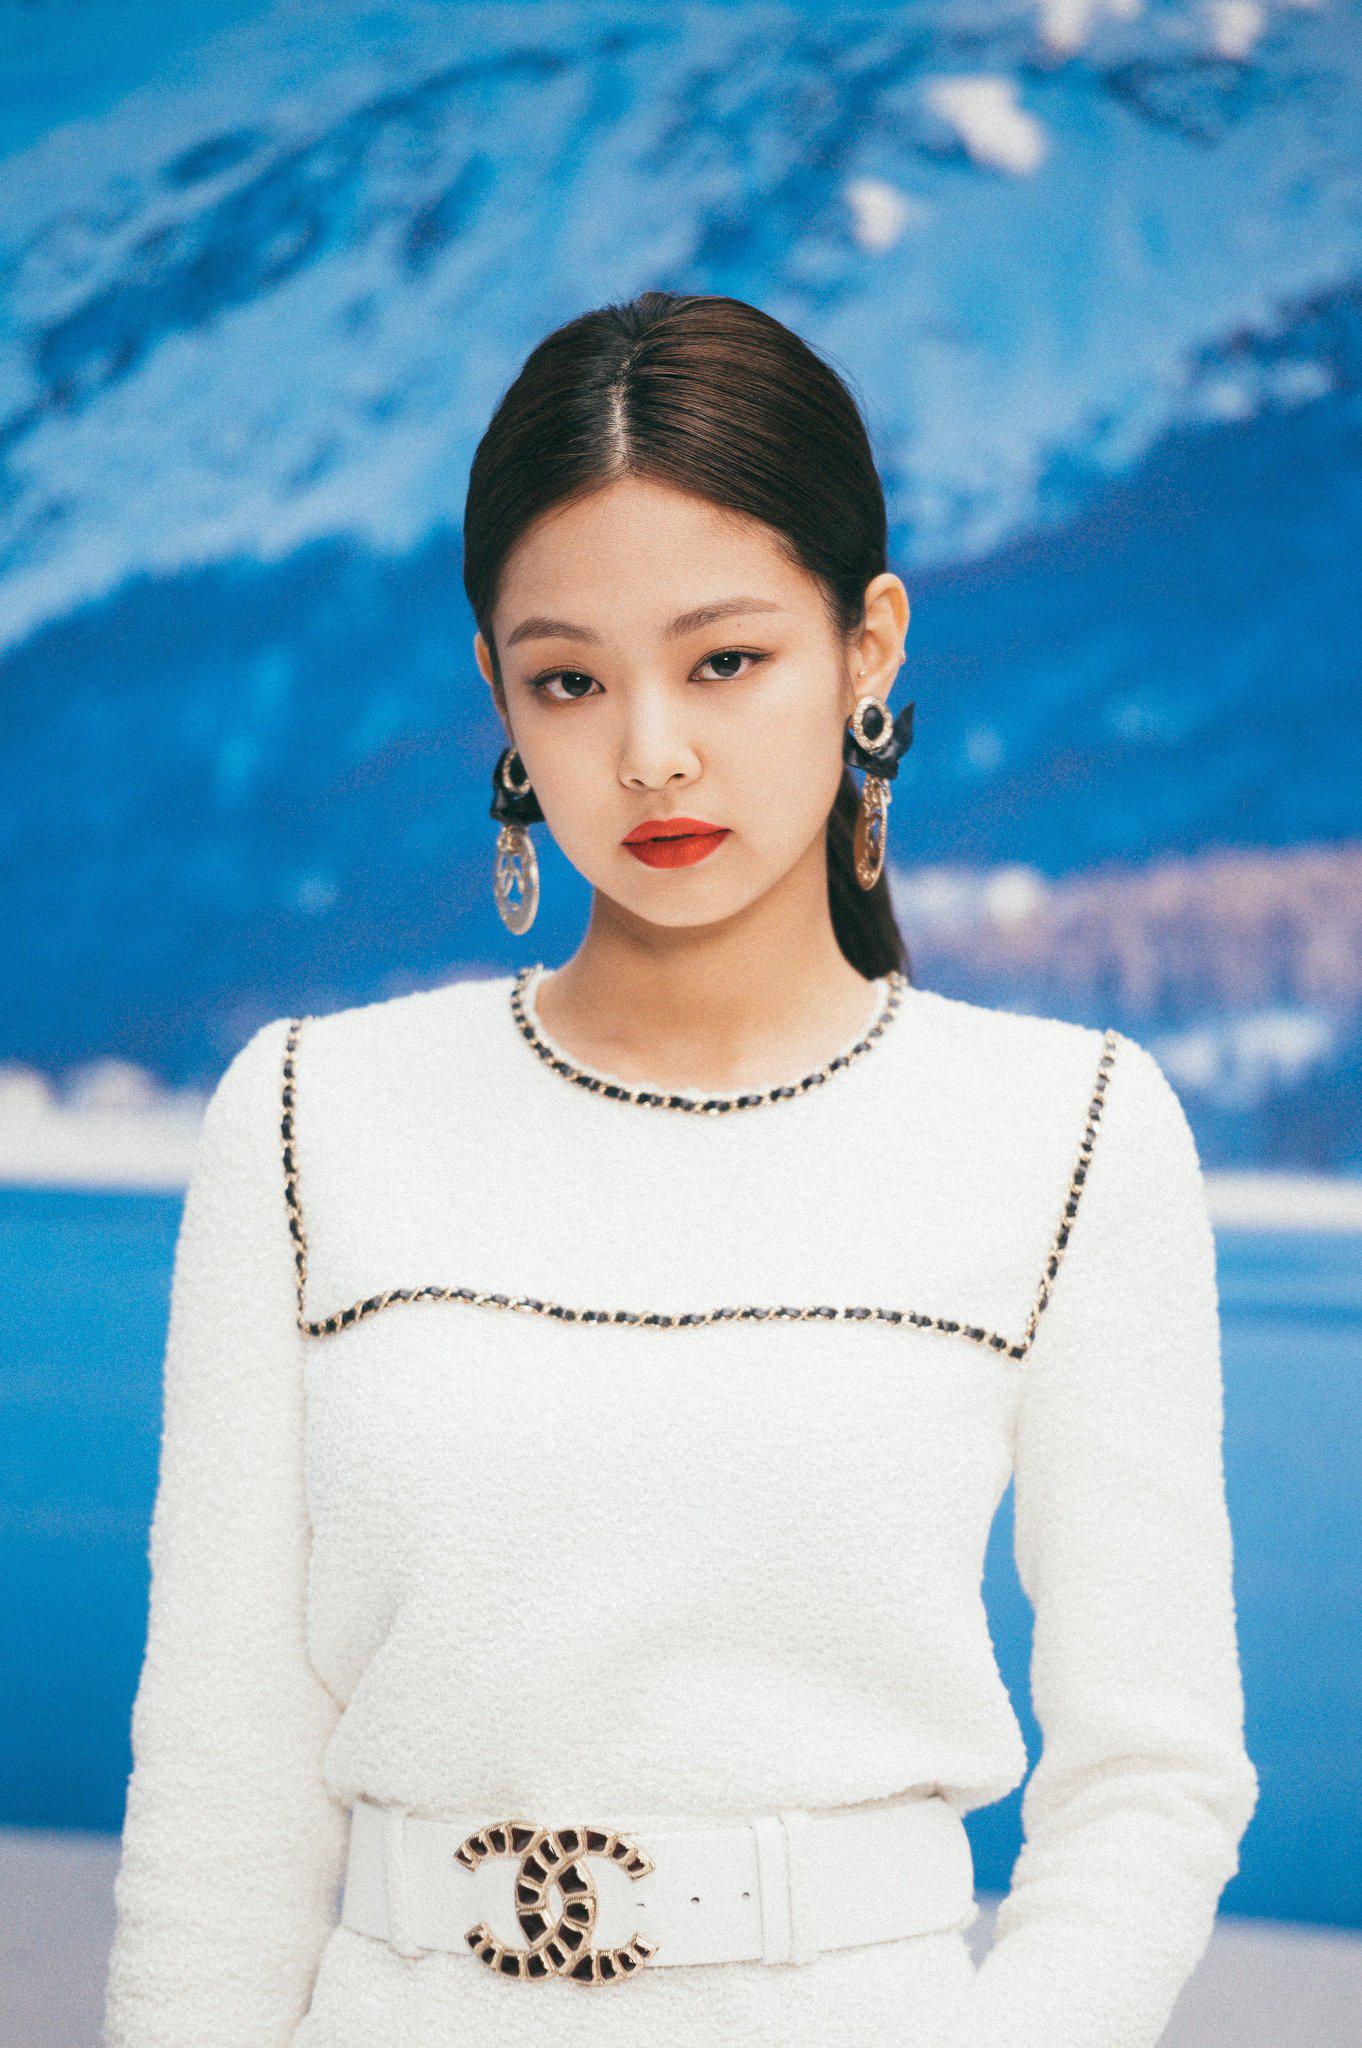 4 cô đại sứ BLACKPINK khi lên Instagram của nhà mốt lớn: Jennie, Jisoo biến hóa đa dạng nhưng Rosé có màn lột xác đáng gờm nhất  - Ảnh 3.